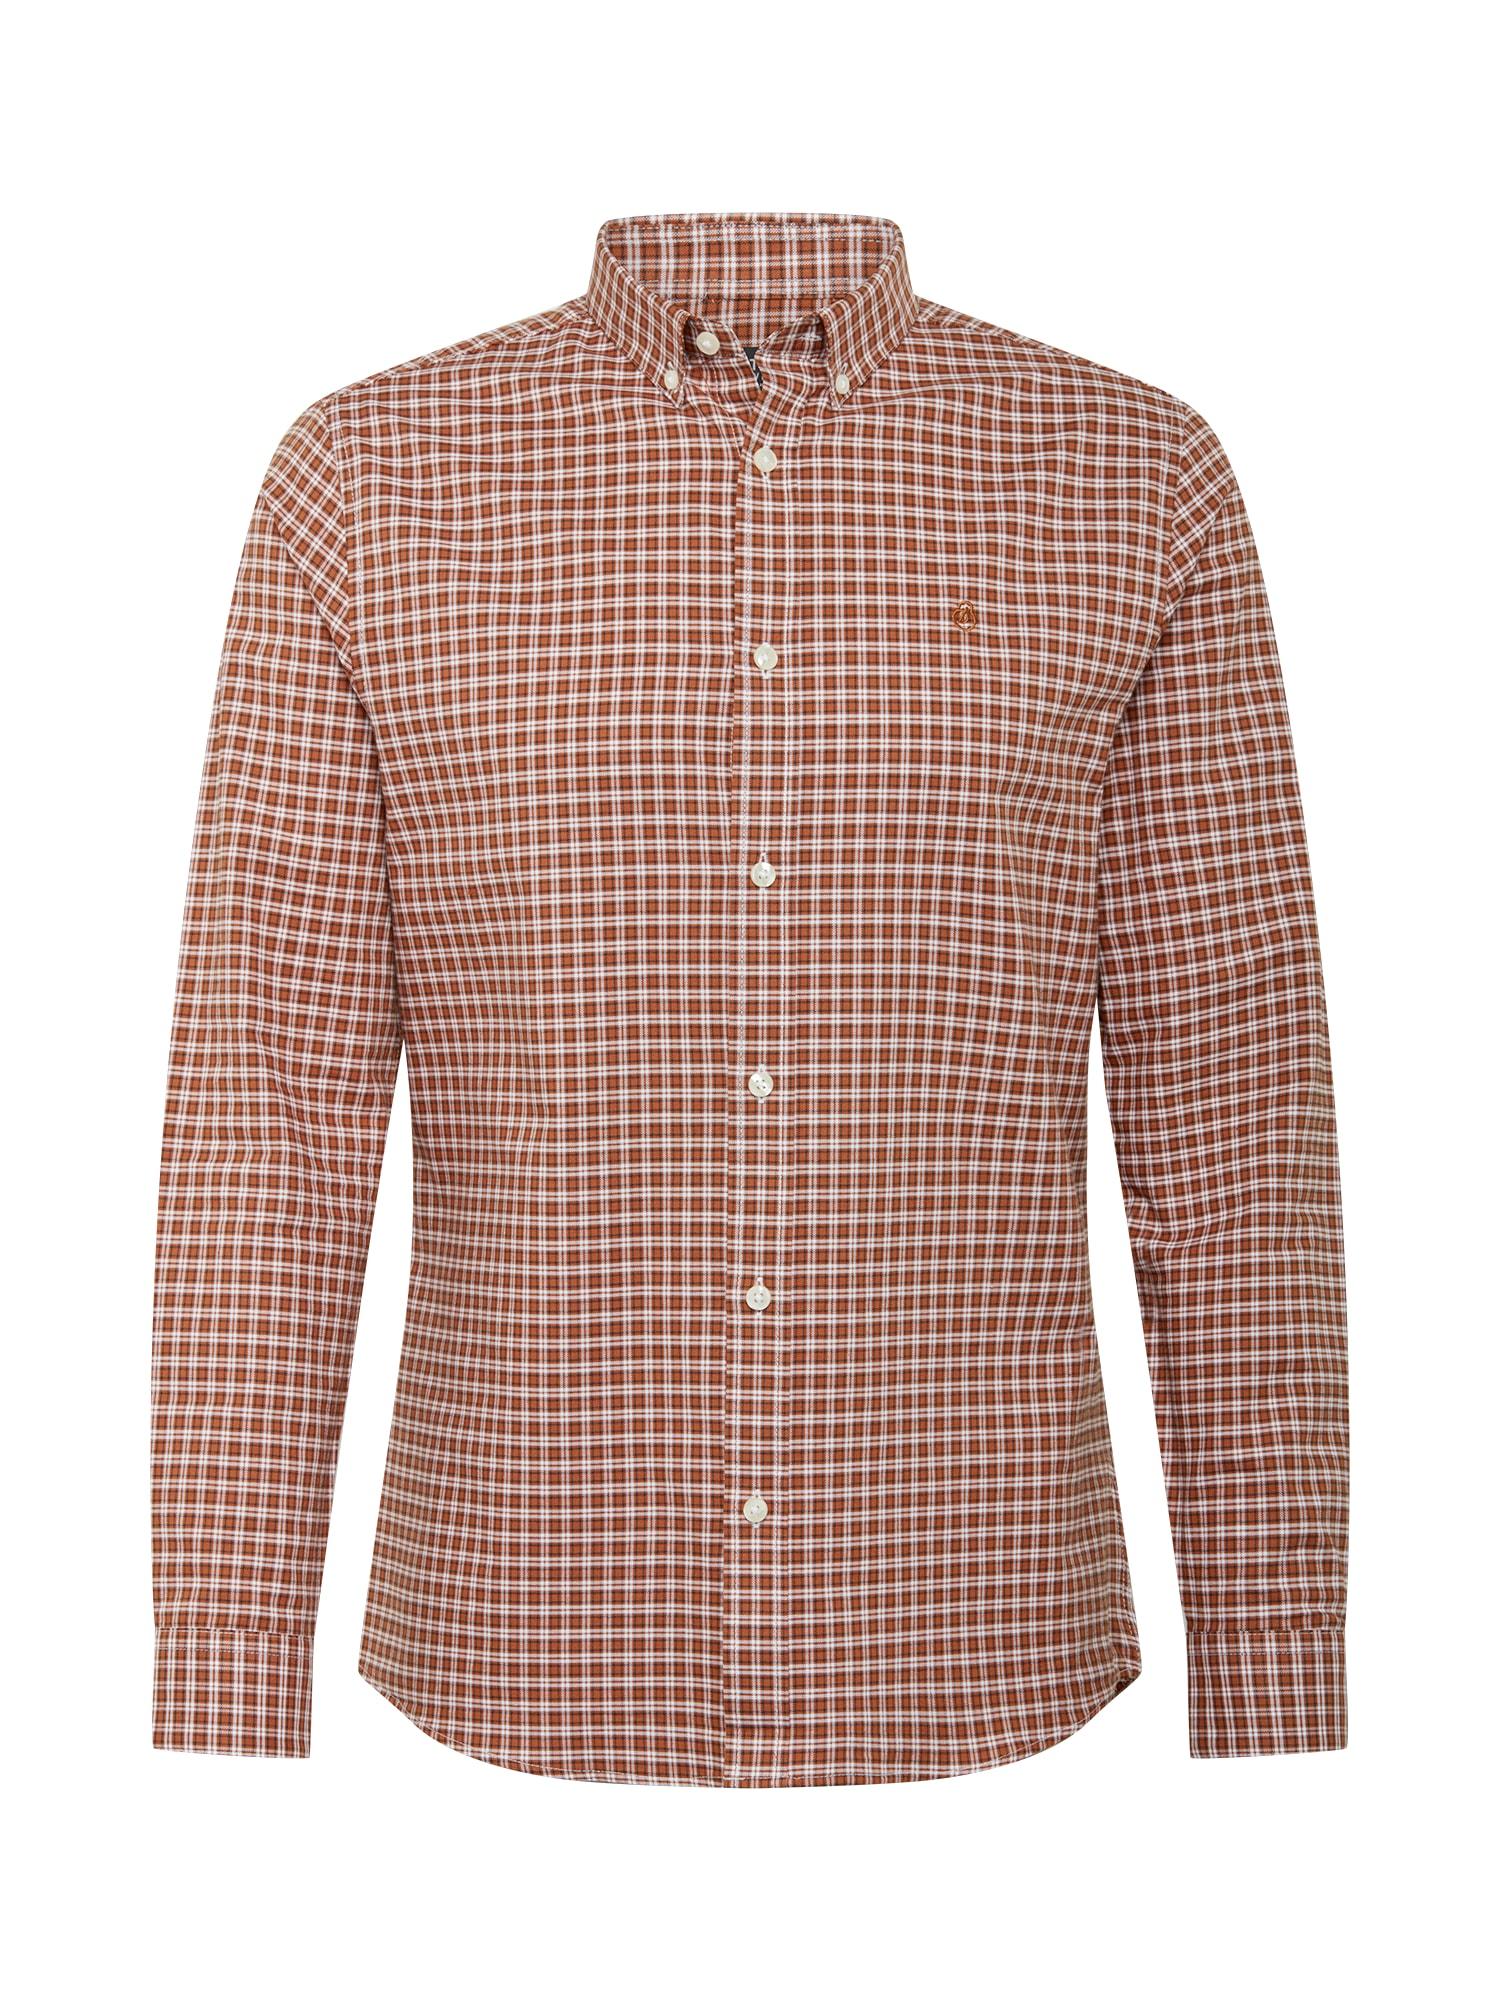 BURTON MENSWEAR LONDON Marškiniai ruda / balta / tamsiai ruda